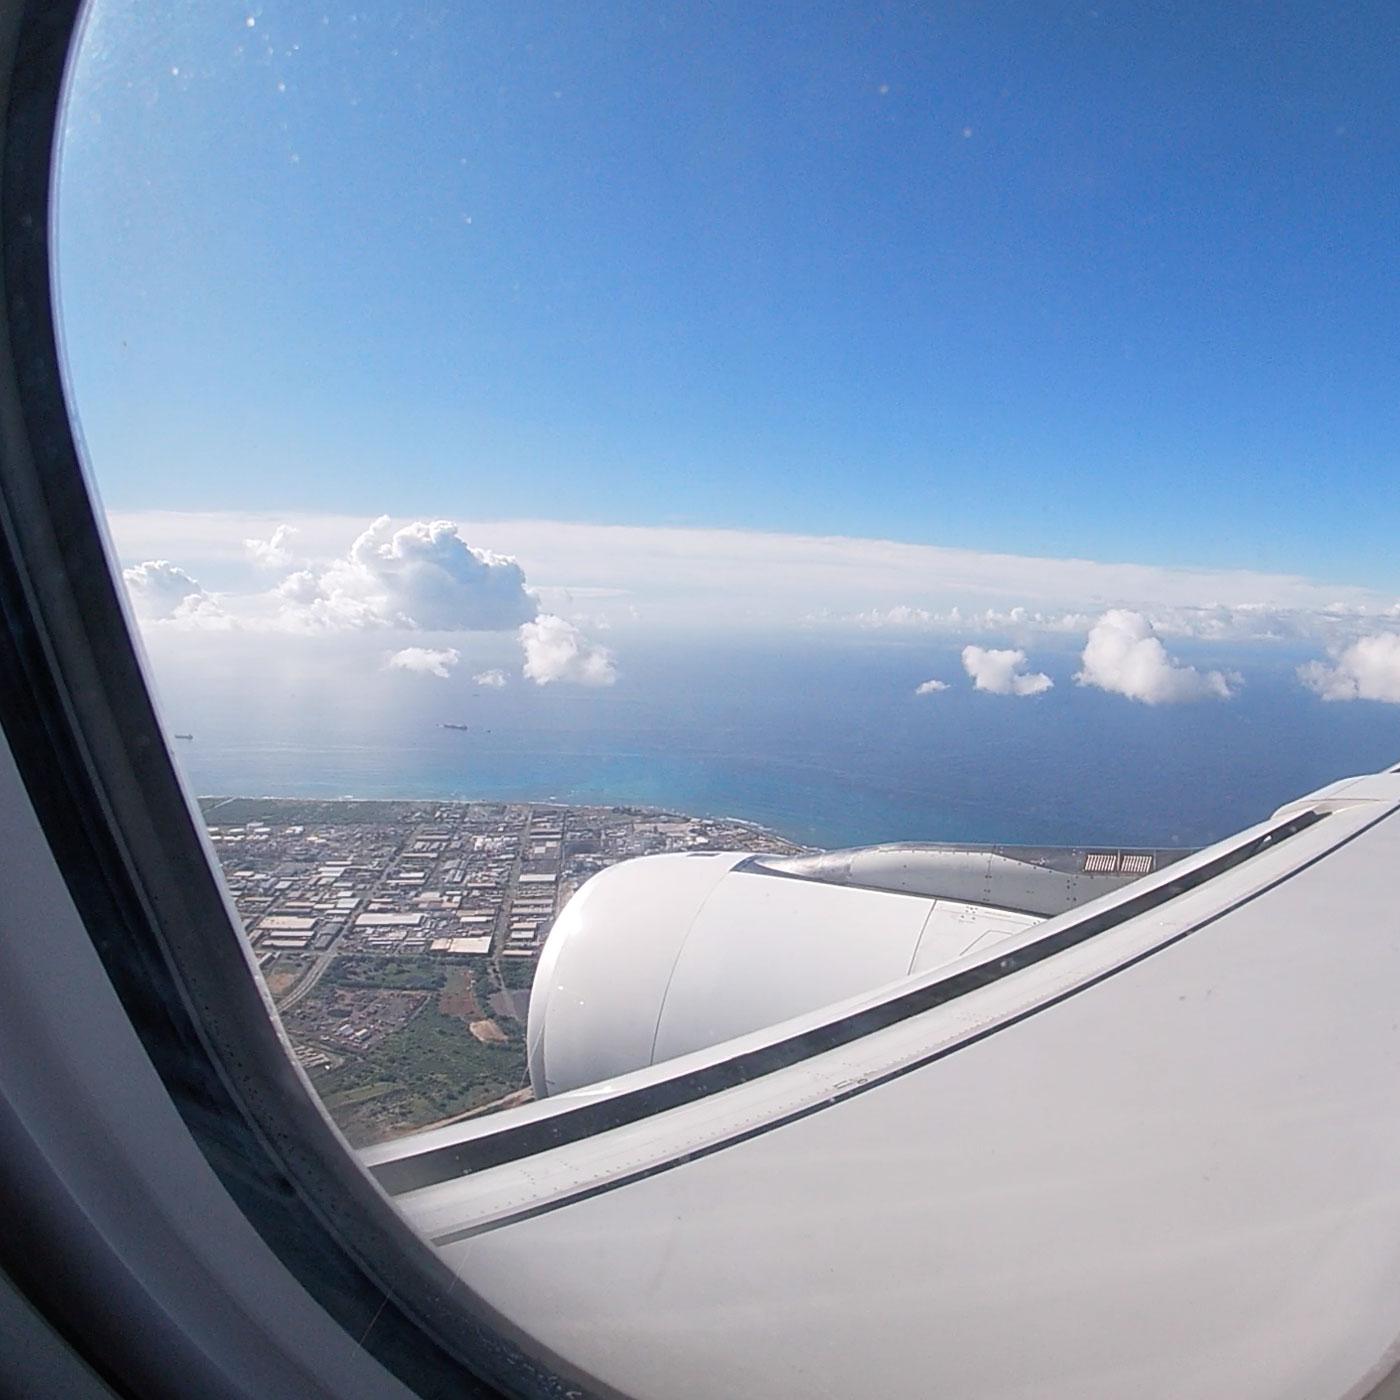 はじめてのハワイ旅行 JTBツアー10月 準備した持ち物